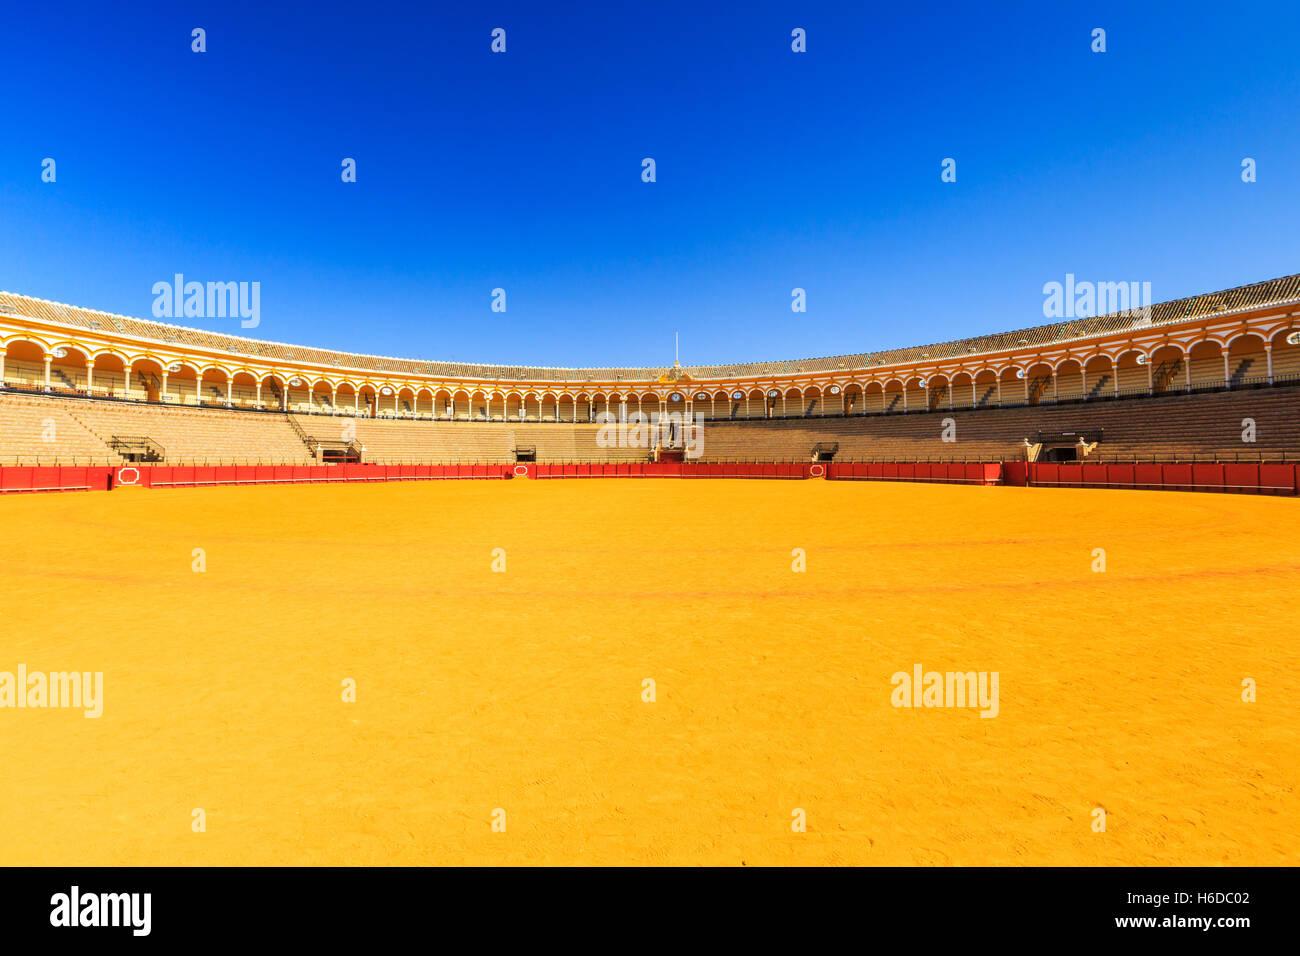 Séville, Espagne. Plaza de Toros (Arènes). Photo Stock